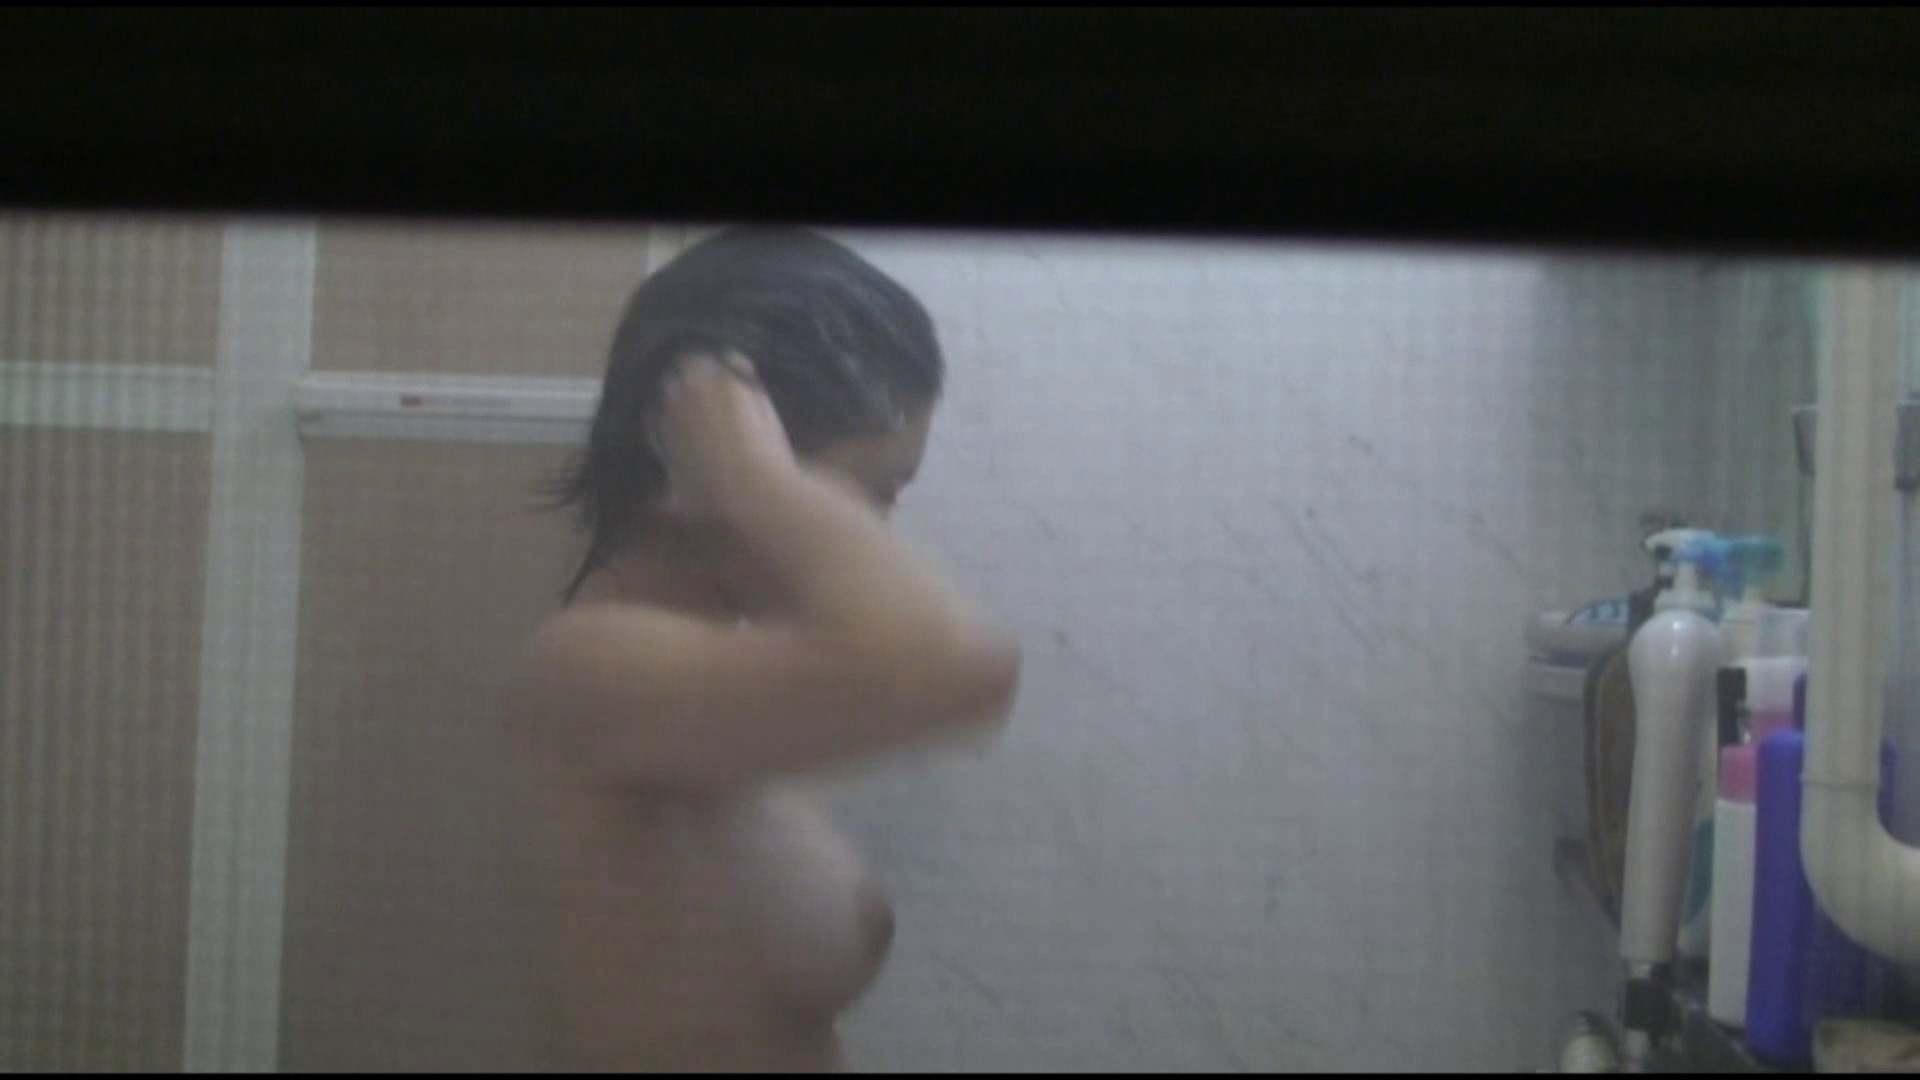 vol.04巨乳美人のおっぱいがプルルンッと弾けてます!風呂上りも必見 覗き  94pic 24